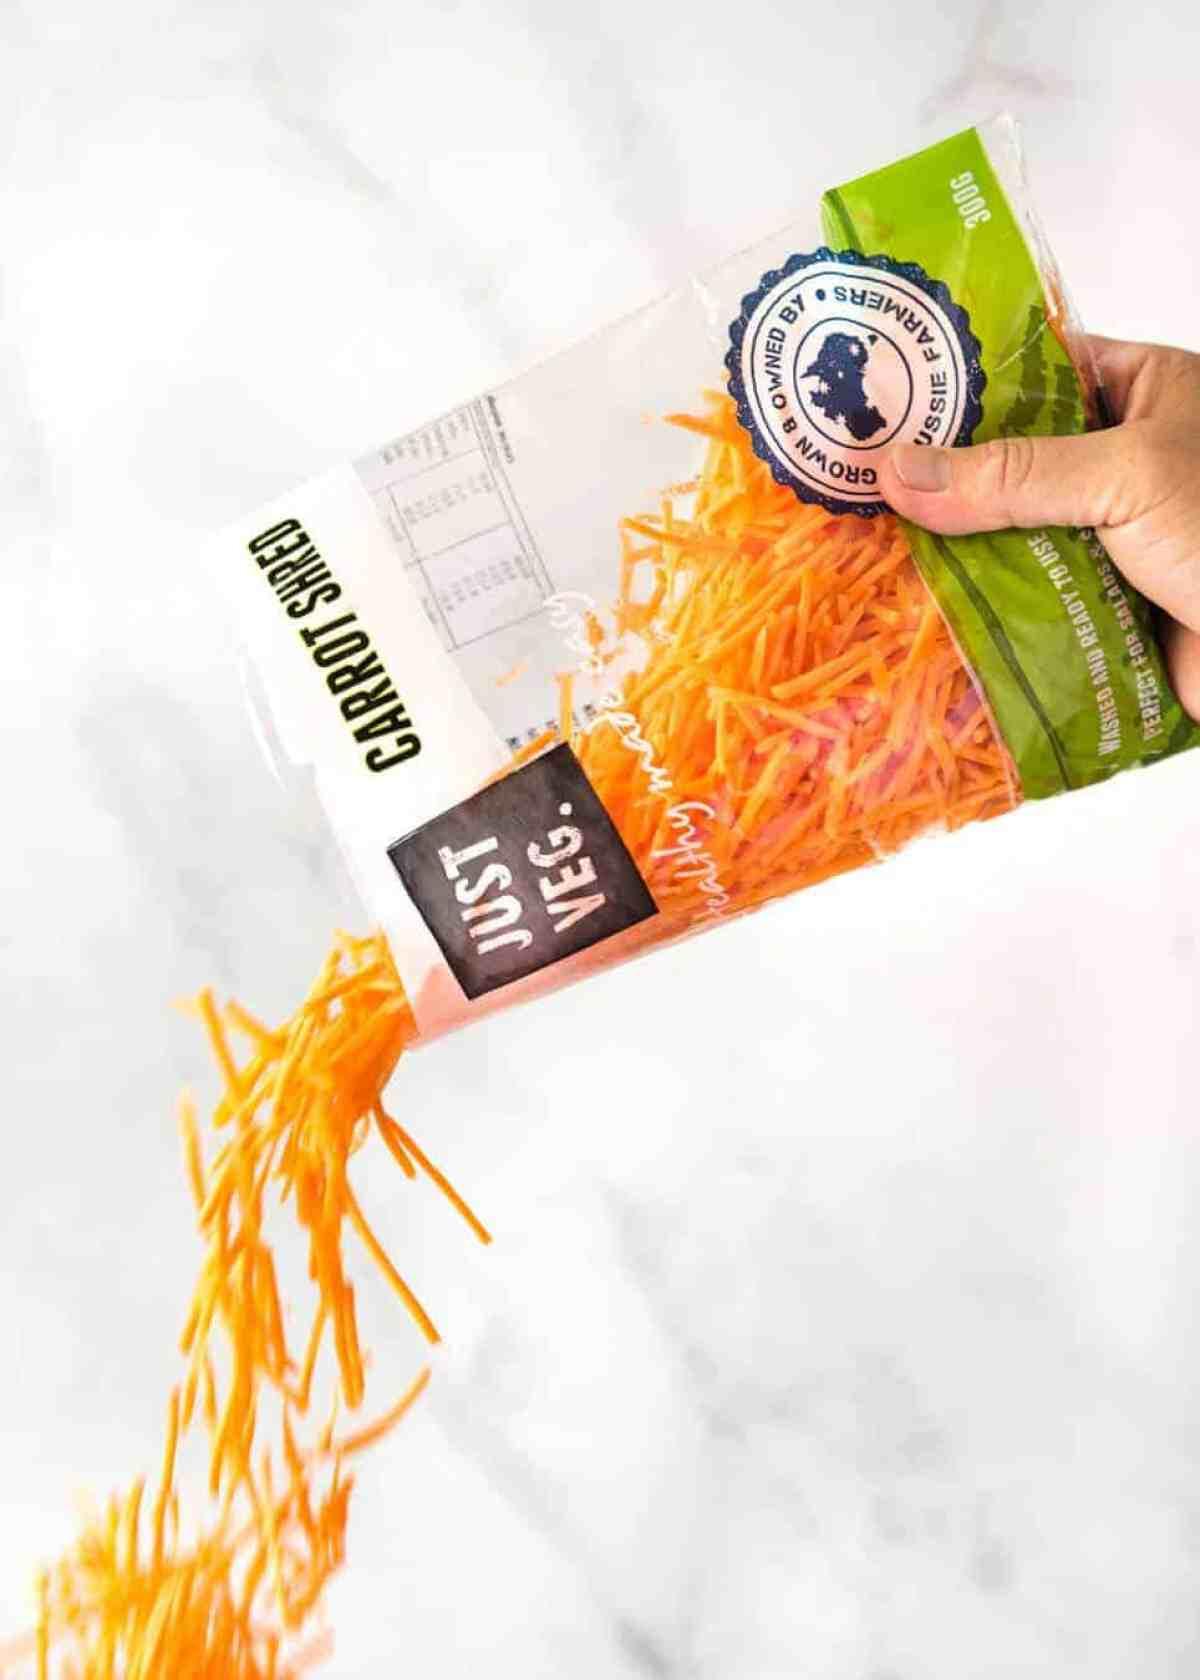 Just Veg Pre shredded carrots